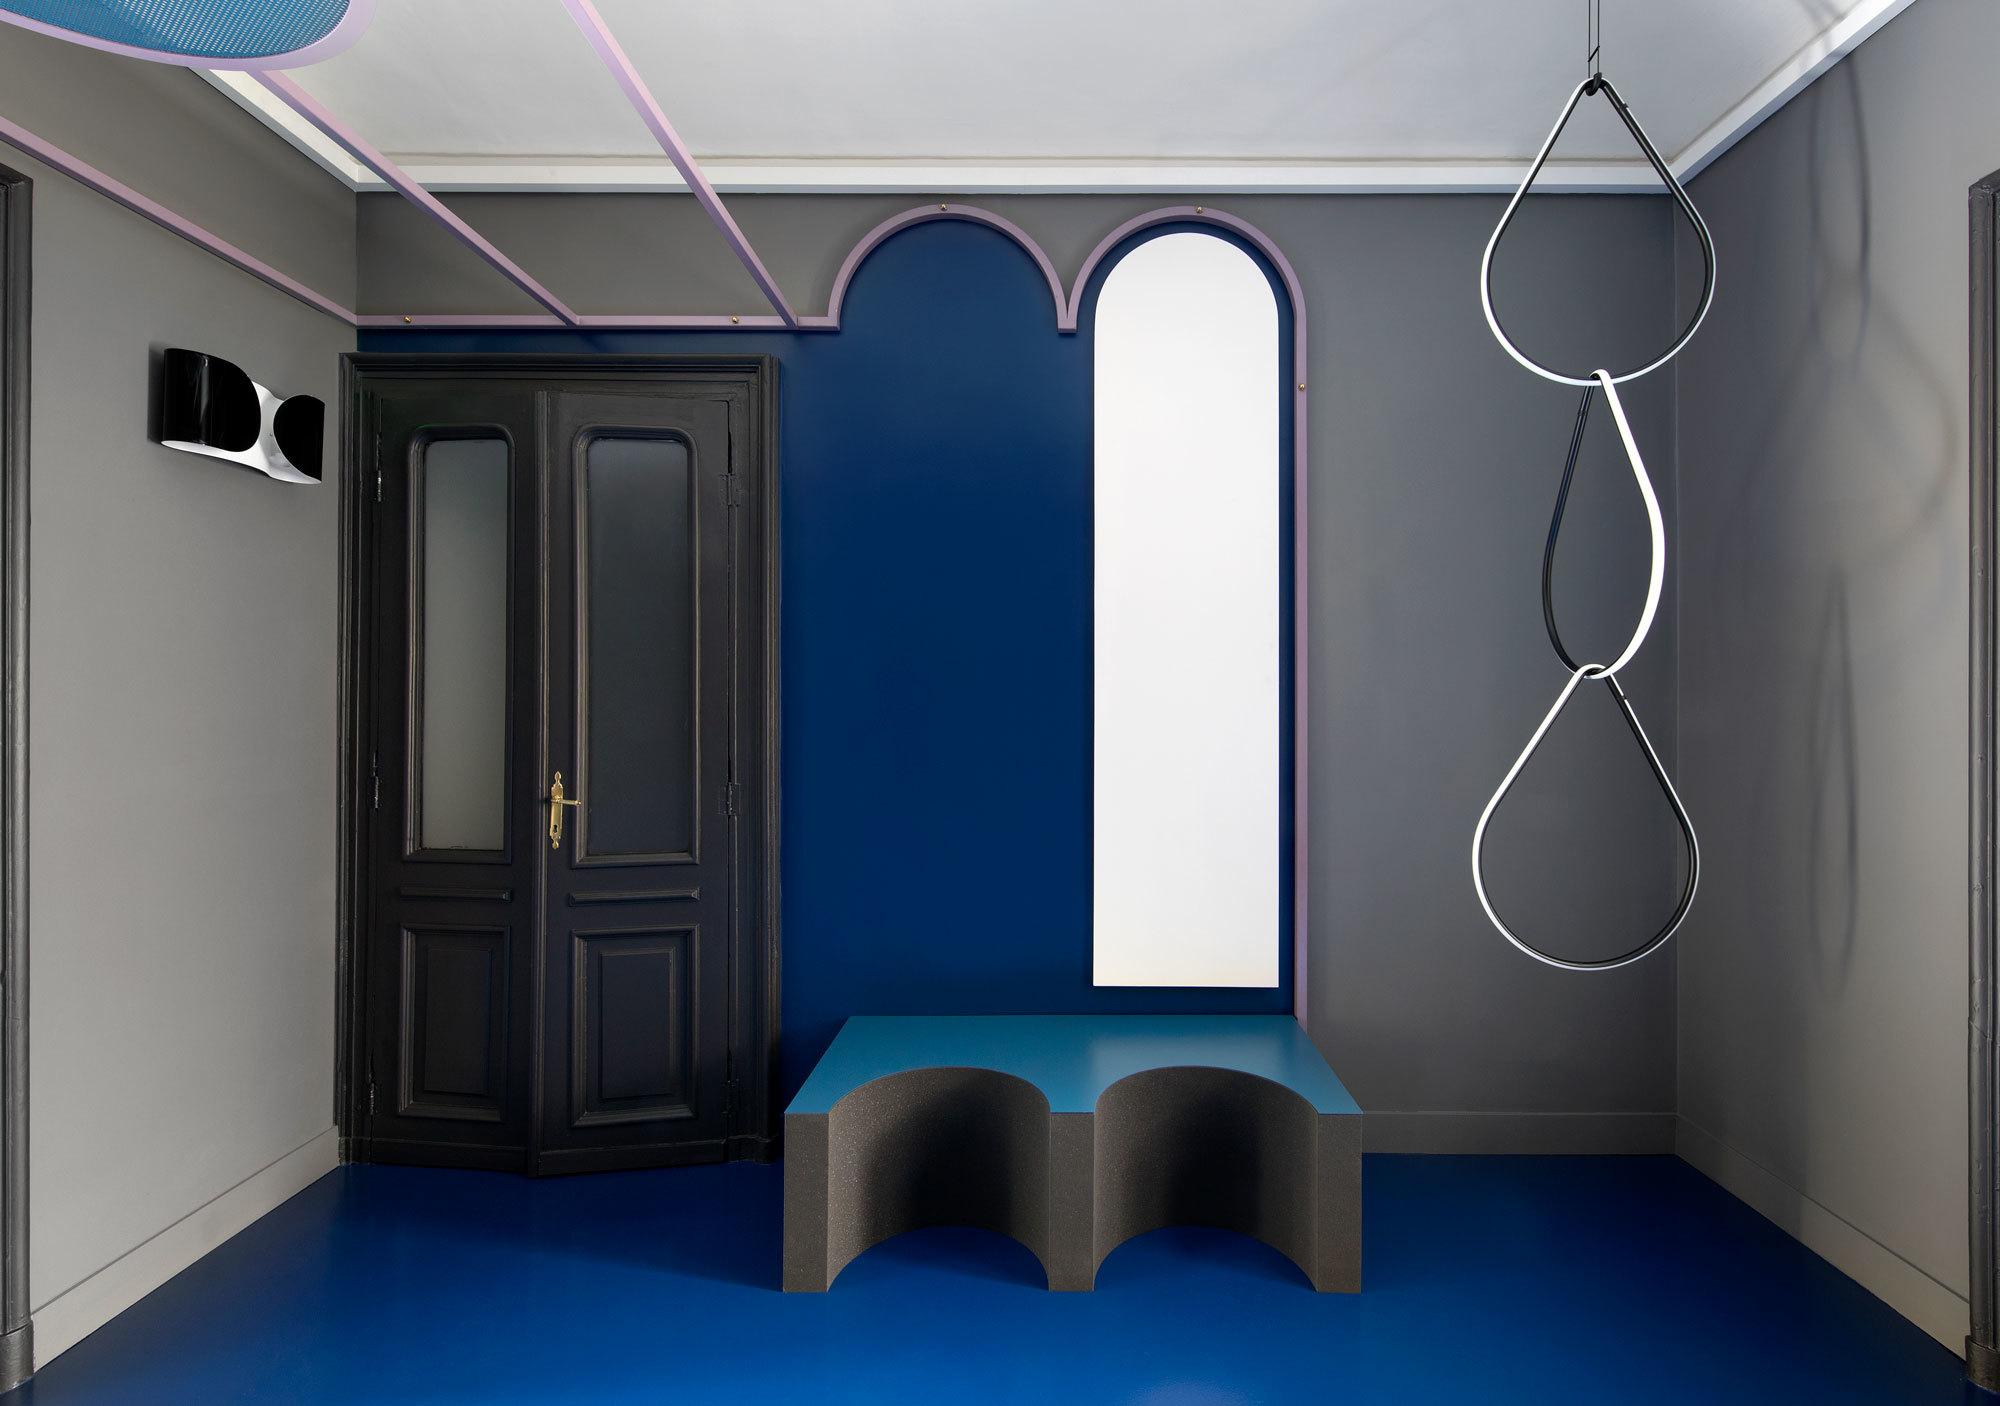 Im Korridor hängt die dekorative Pendelleuchte Arrangements von Michael Anastassiades für Flos.